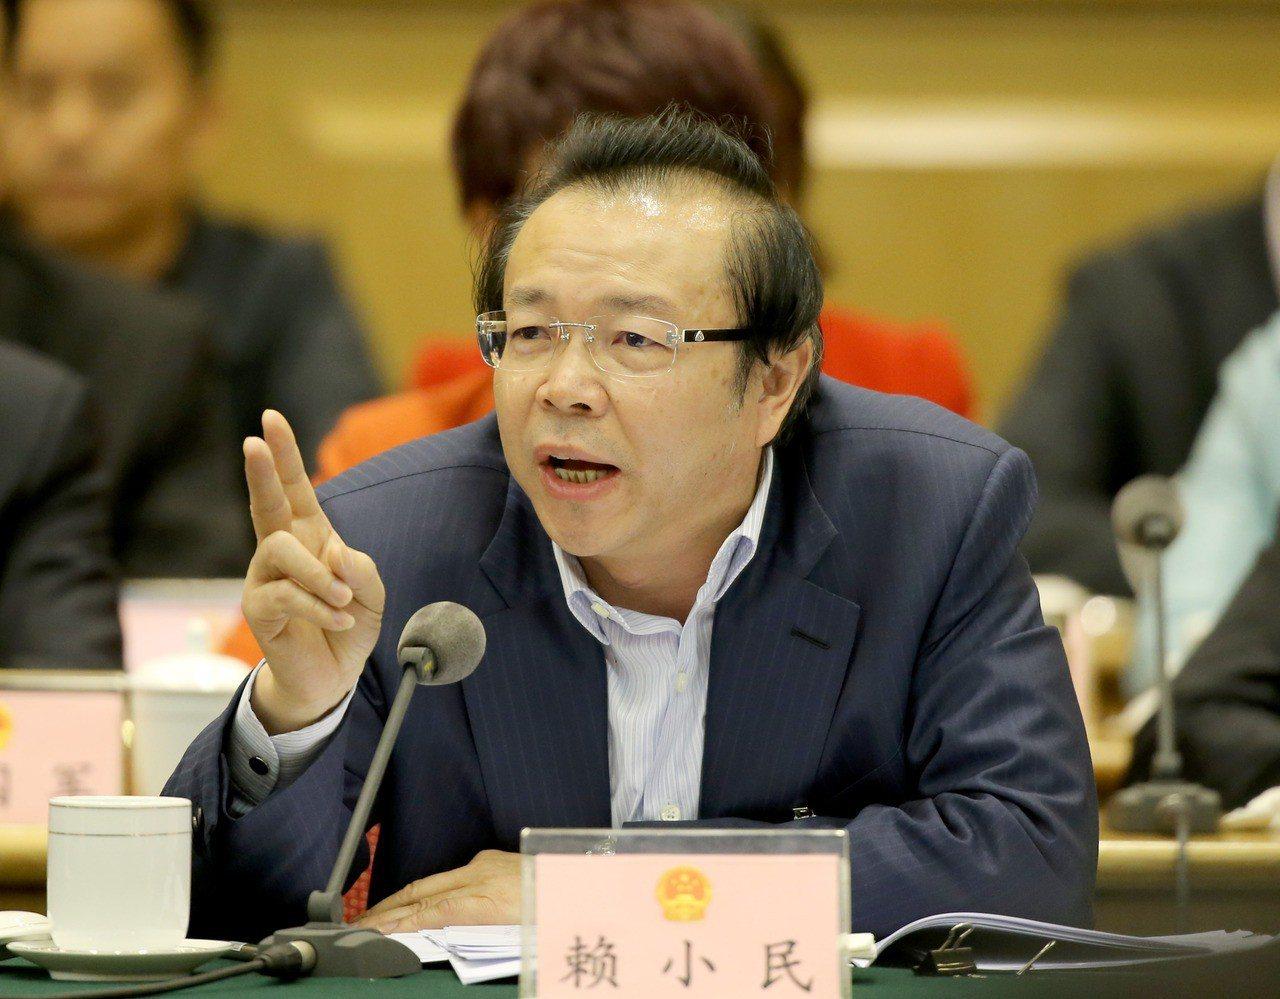 前華融董事長賴小民住所被搜出3噸重現金。刷新貪官記錄。 新華社